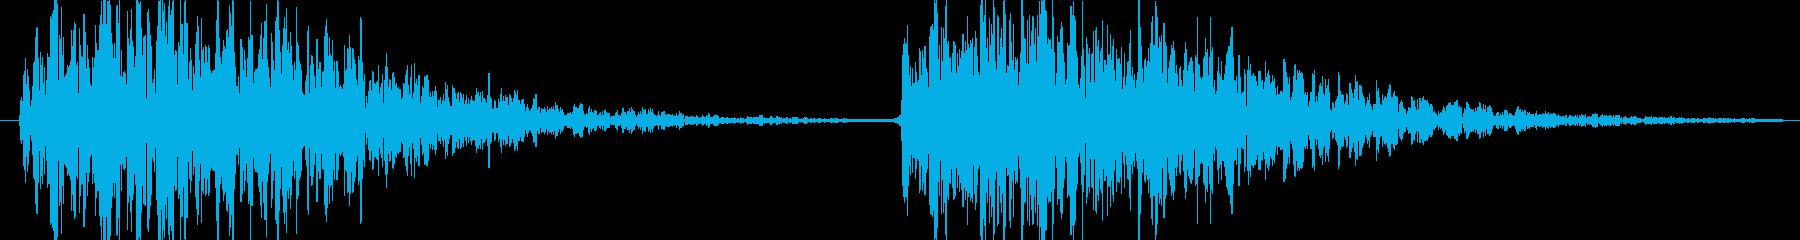 ボワッ ボワッ。の再生済みの波形